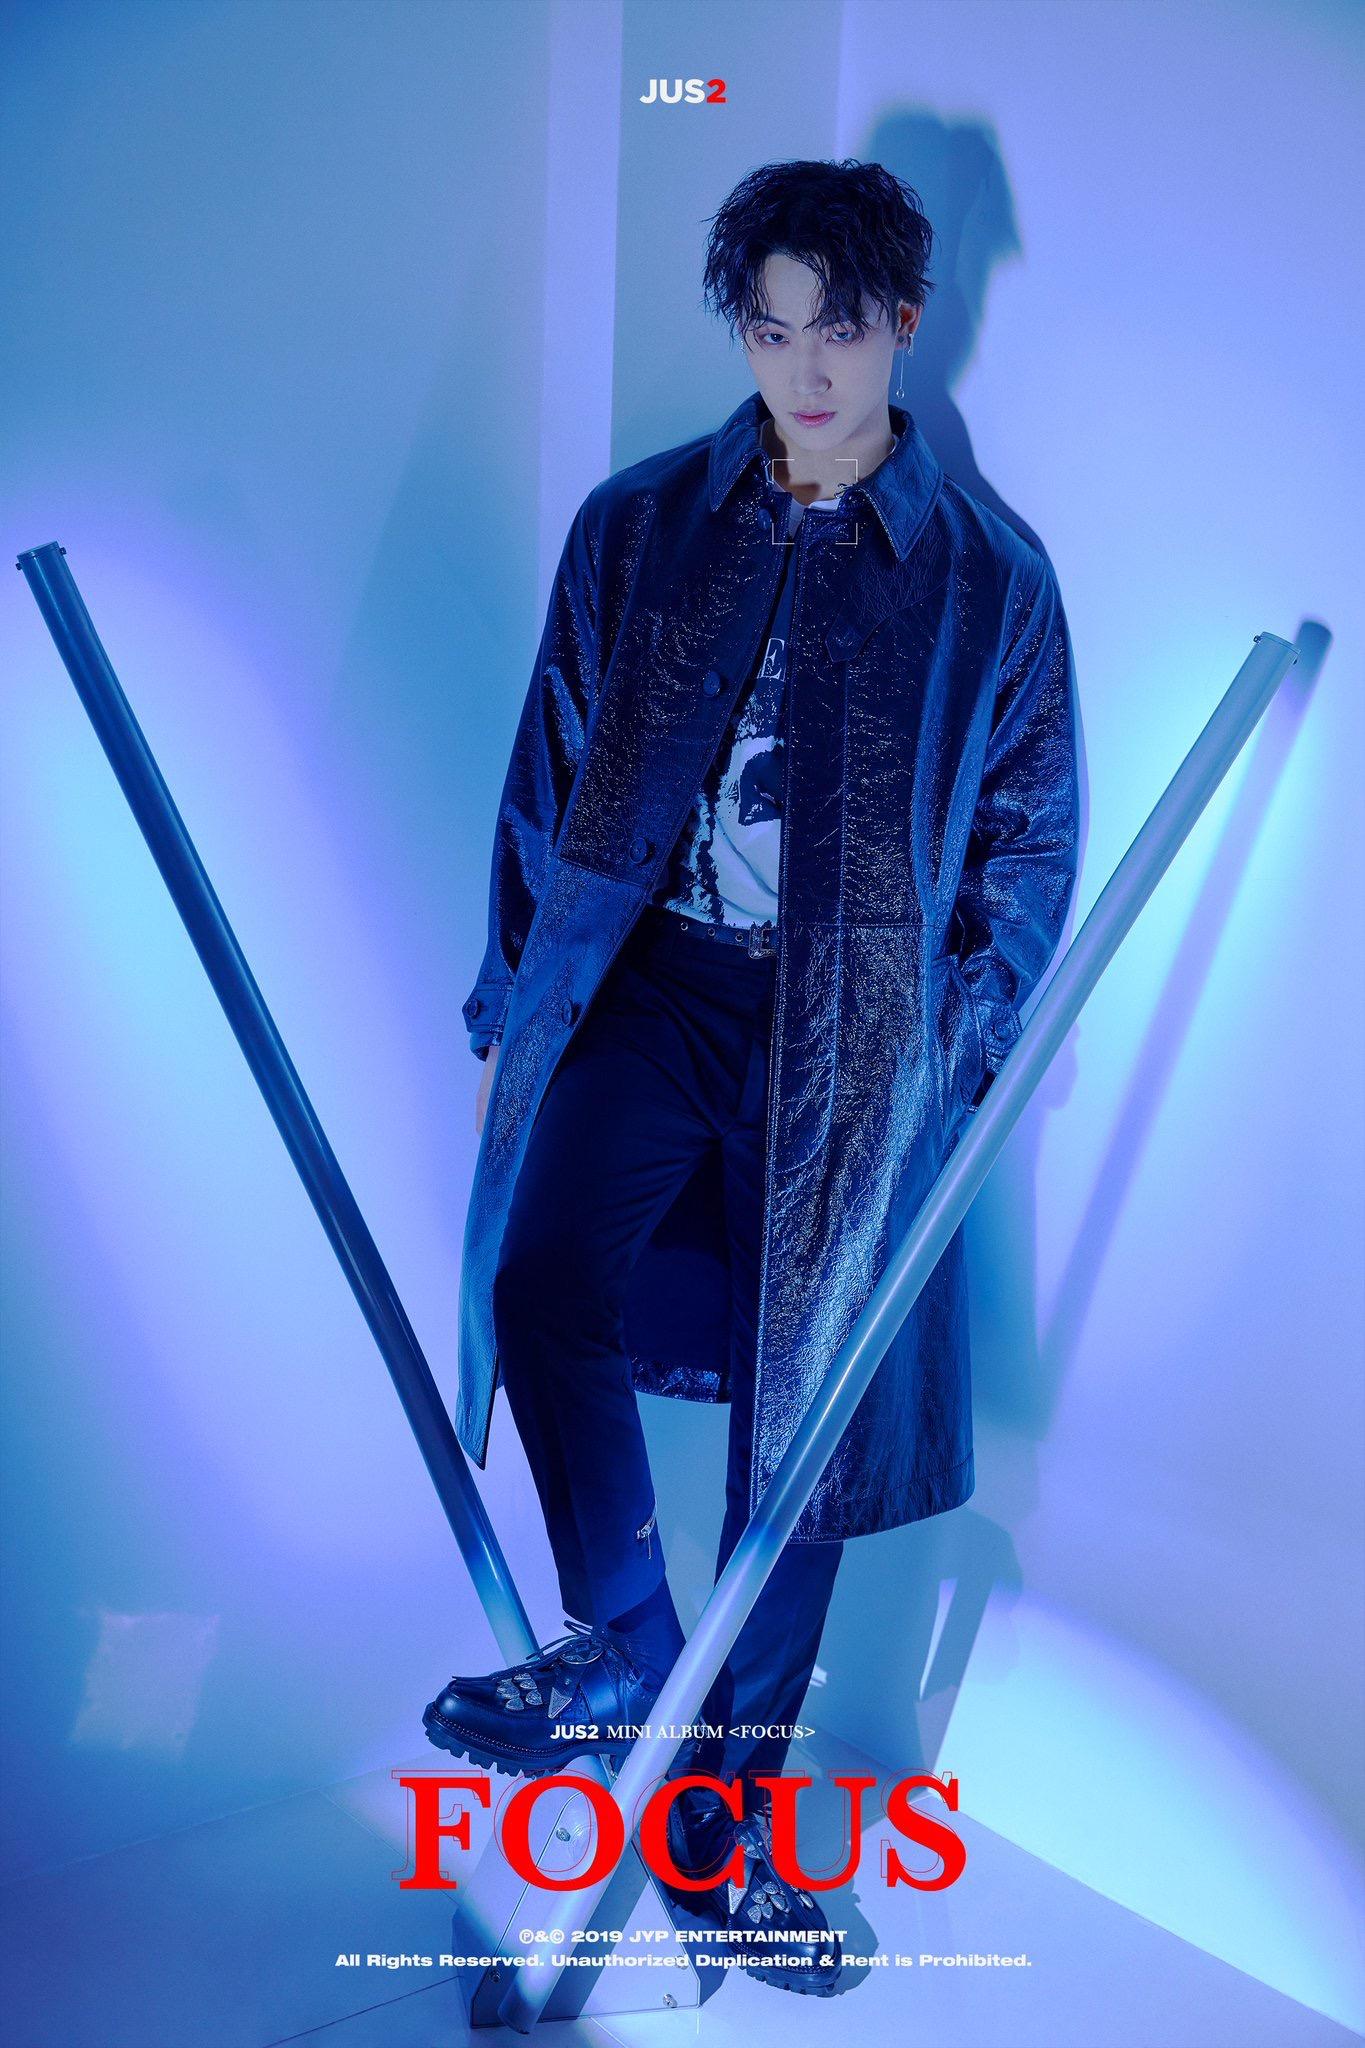 5일(화), 💚갓세븐 유닛 JUS2(JB, 유겸) FOCUS ON ME 데뷔💚 | 인스티즈